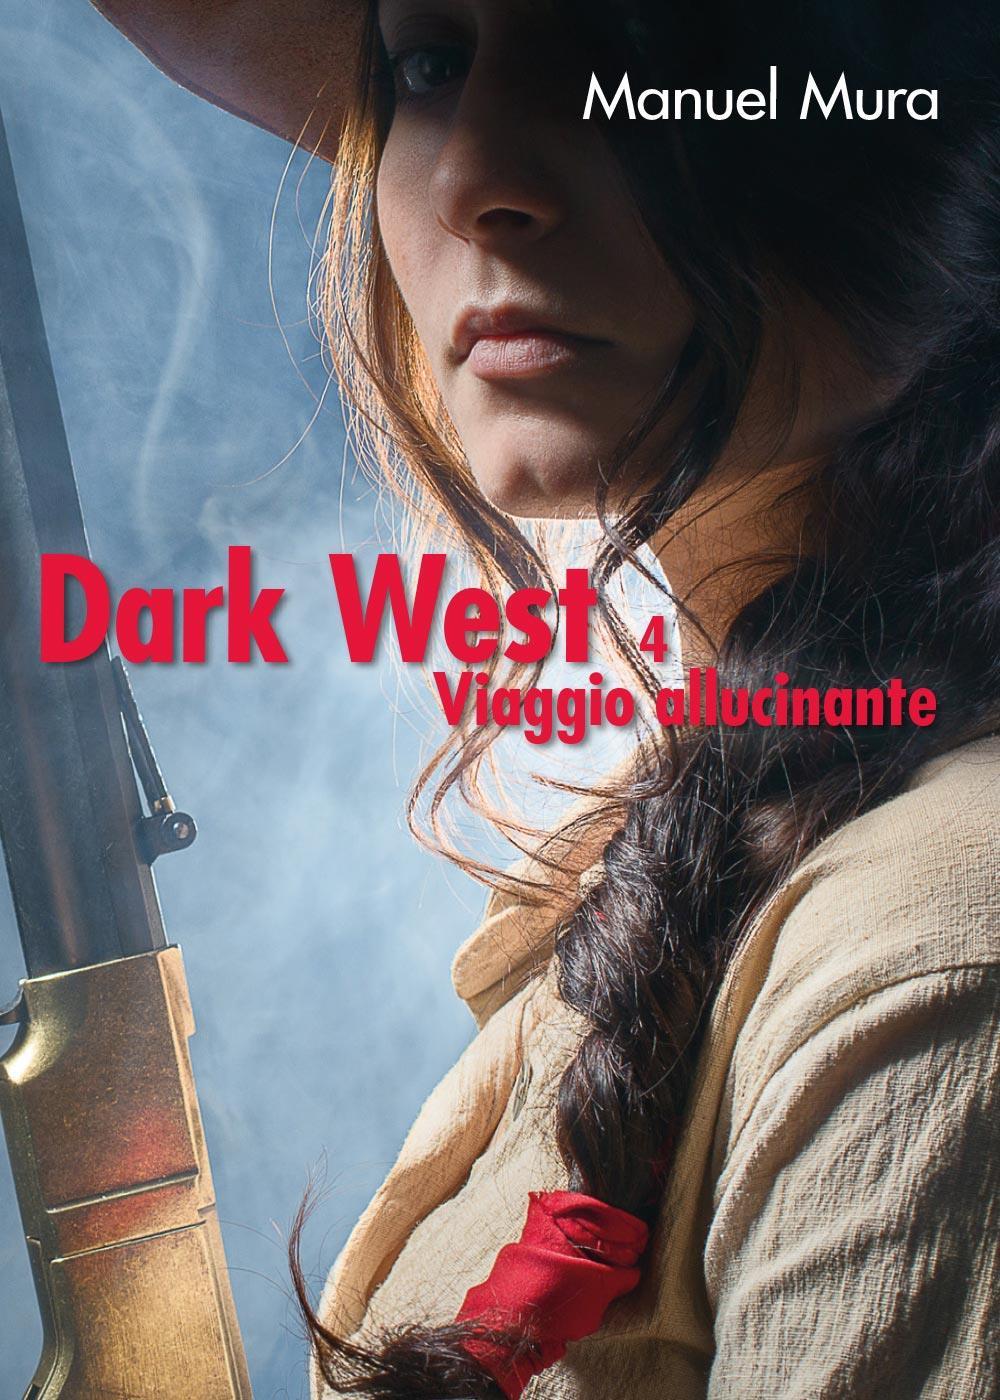 Dark West vol.4 - Viaggio allucinante